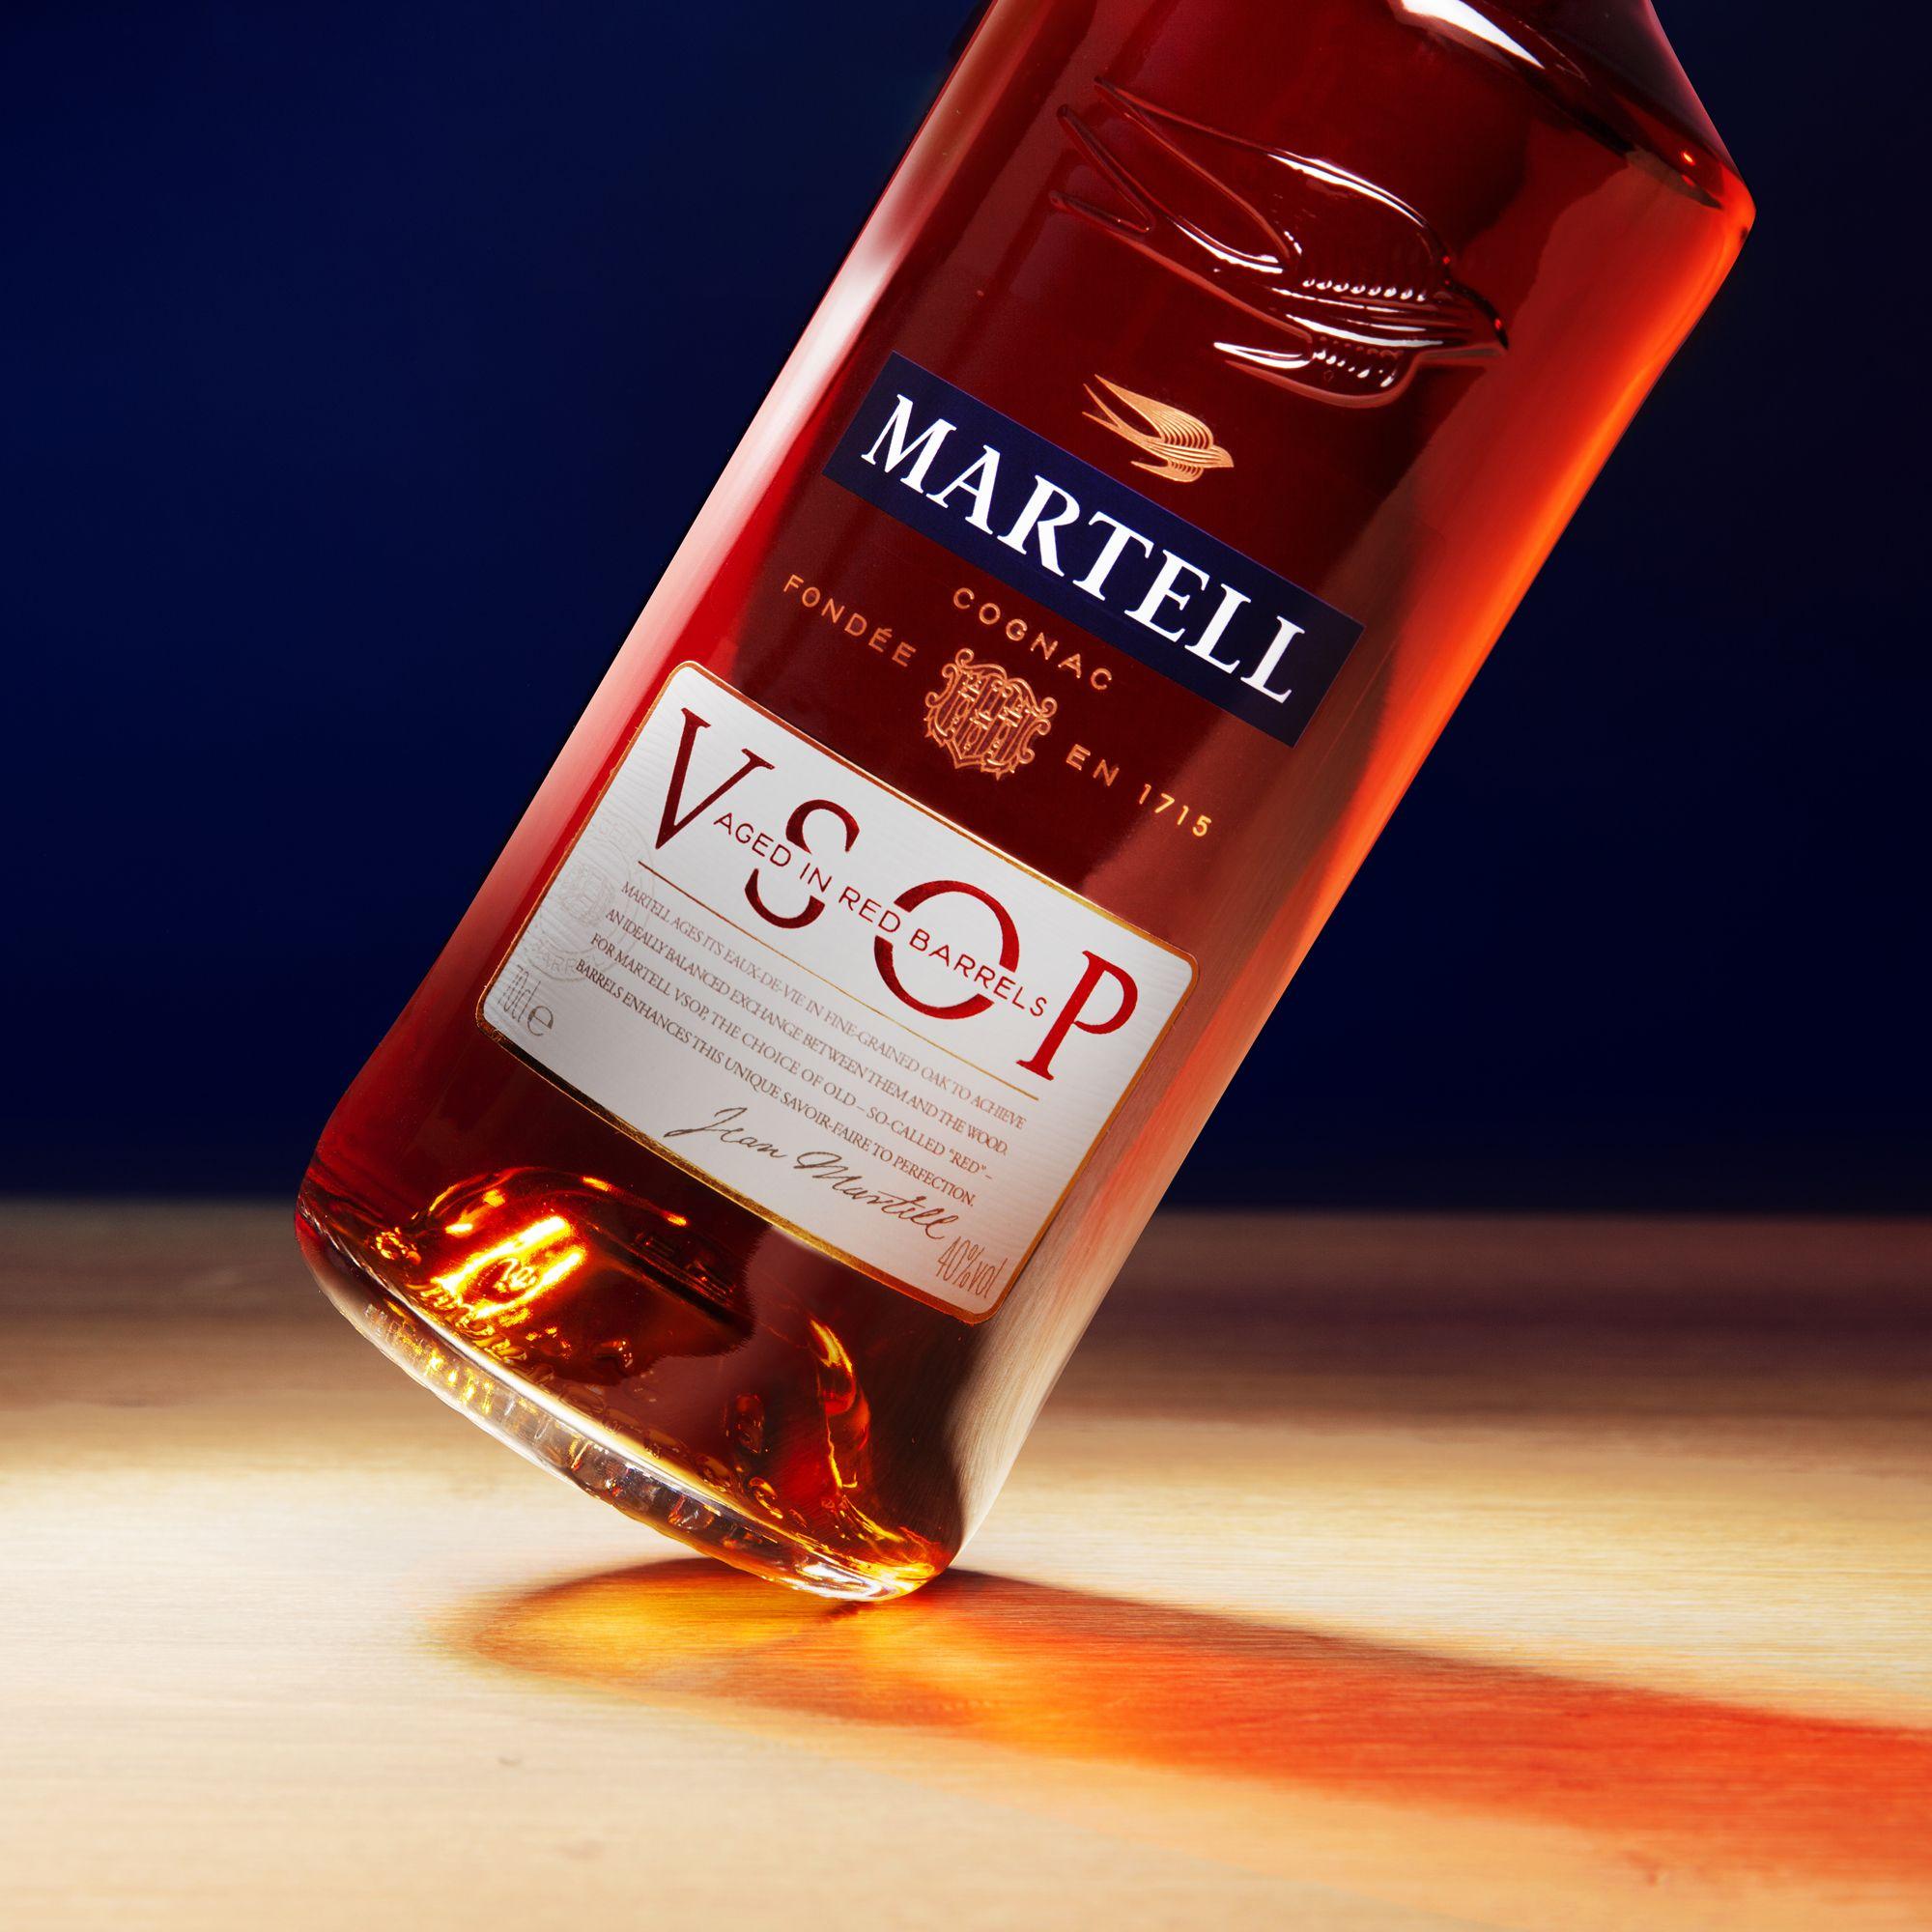 Martell Vsop In 2020 Wine Bottle Rose Wine Bottle Cognac